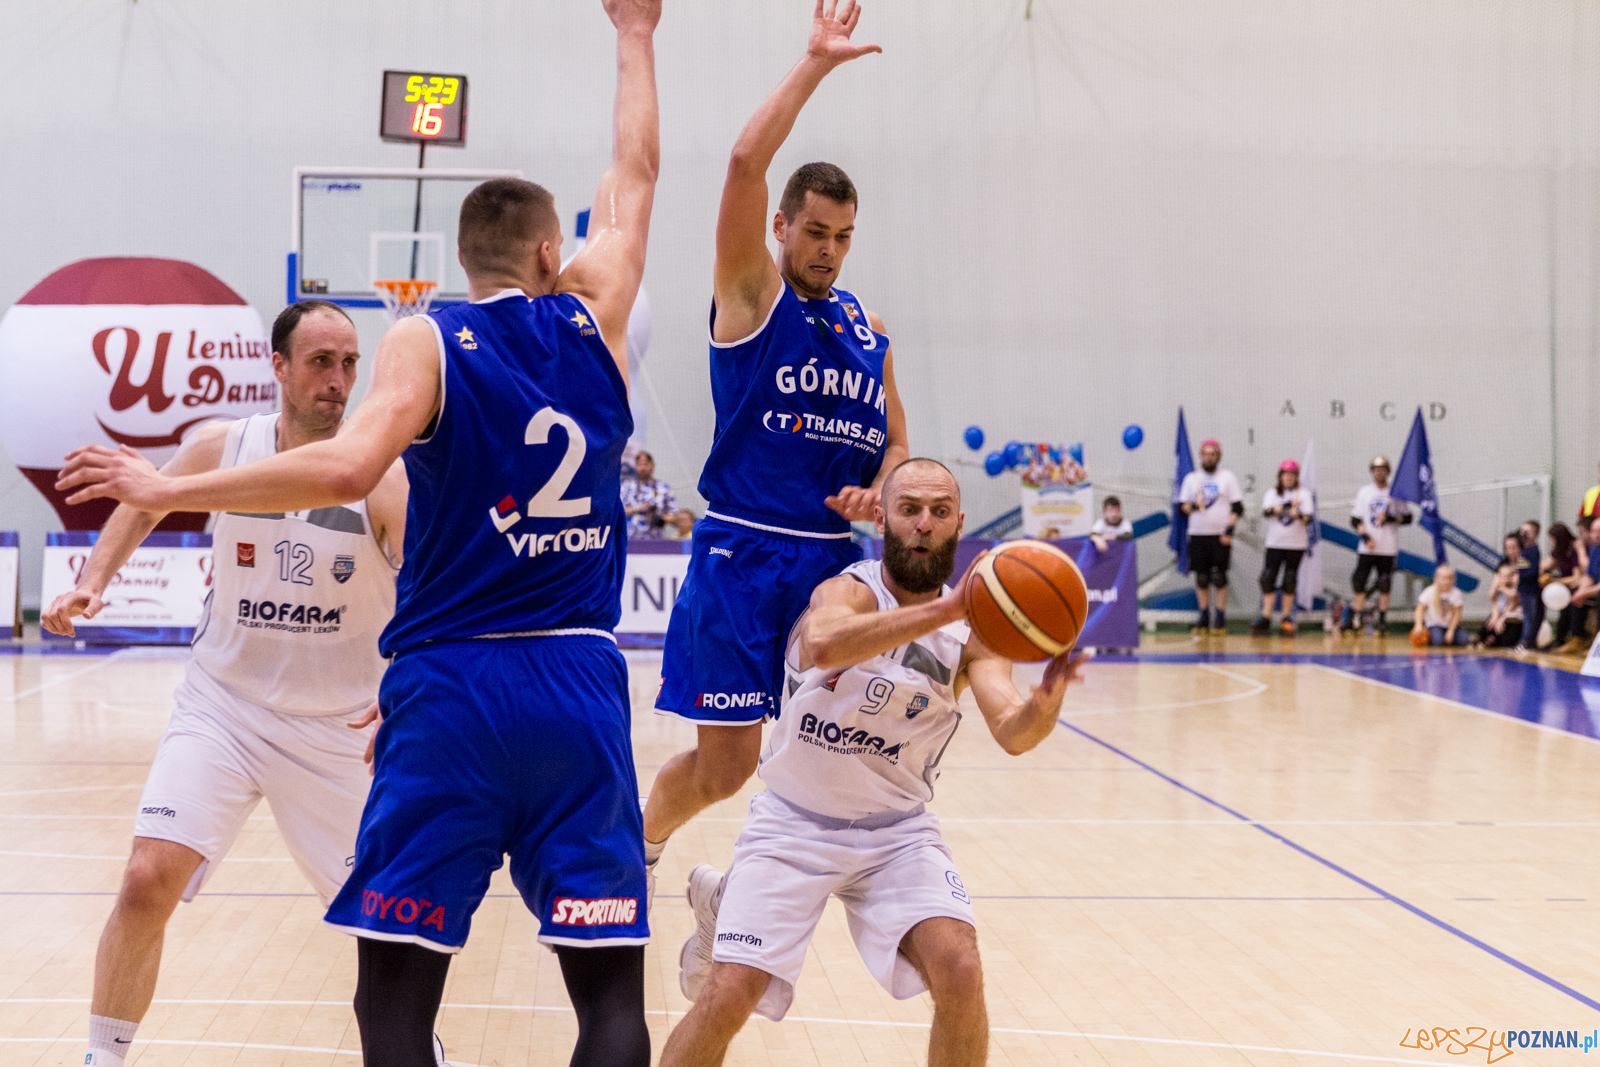 Biofarm Basket Poznań - Górnik Trans.eu Wałbrzych 79:55 - Poz  Foto: LepszyPOZNAN.pl / Paweł Rychter